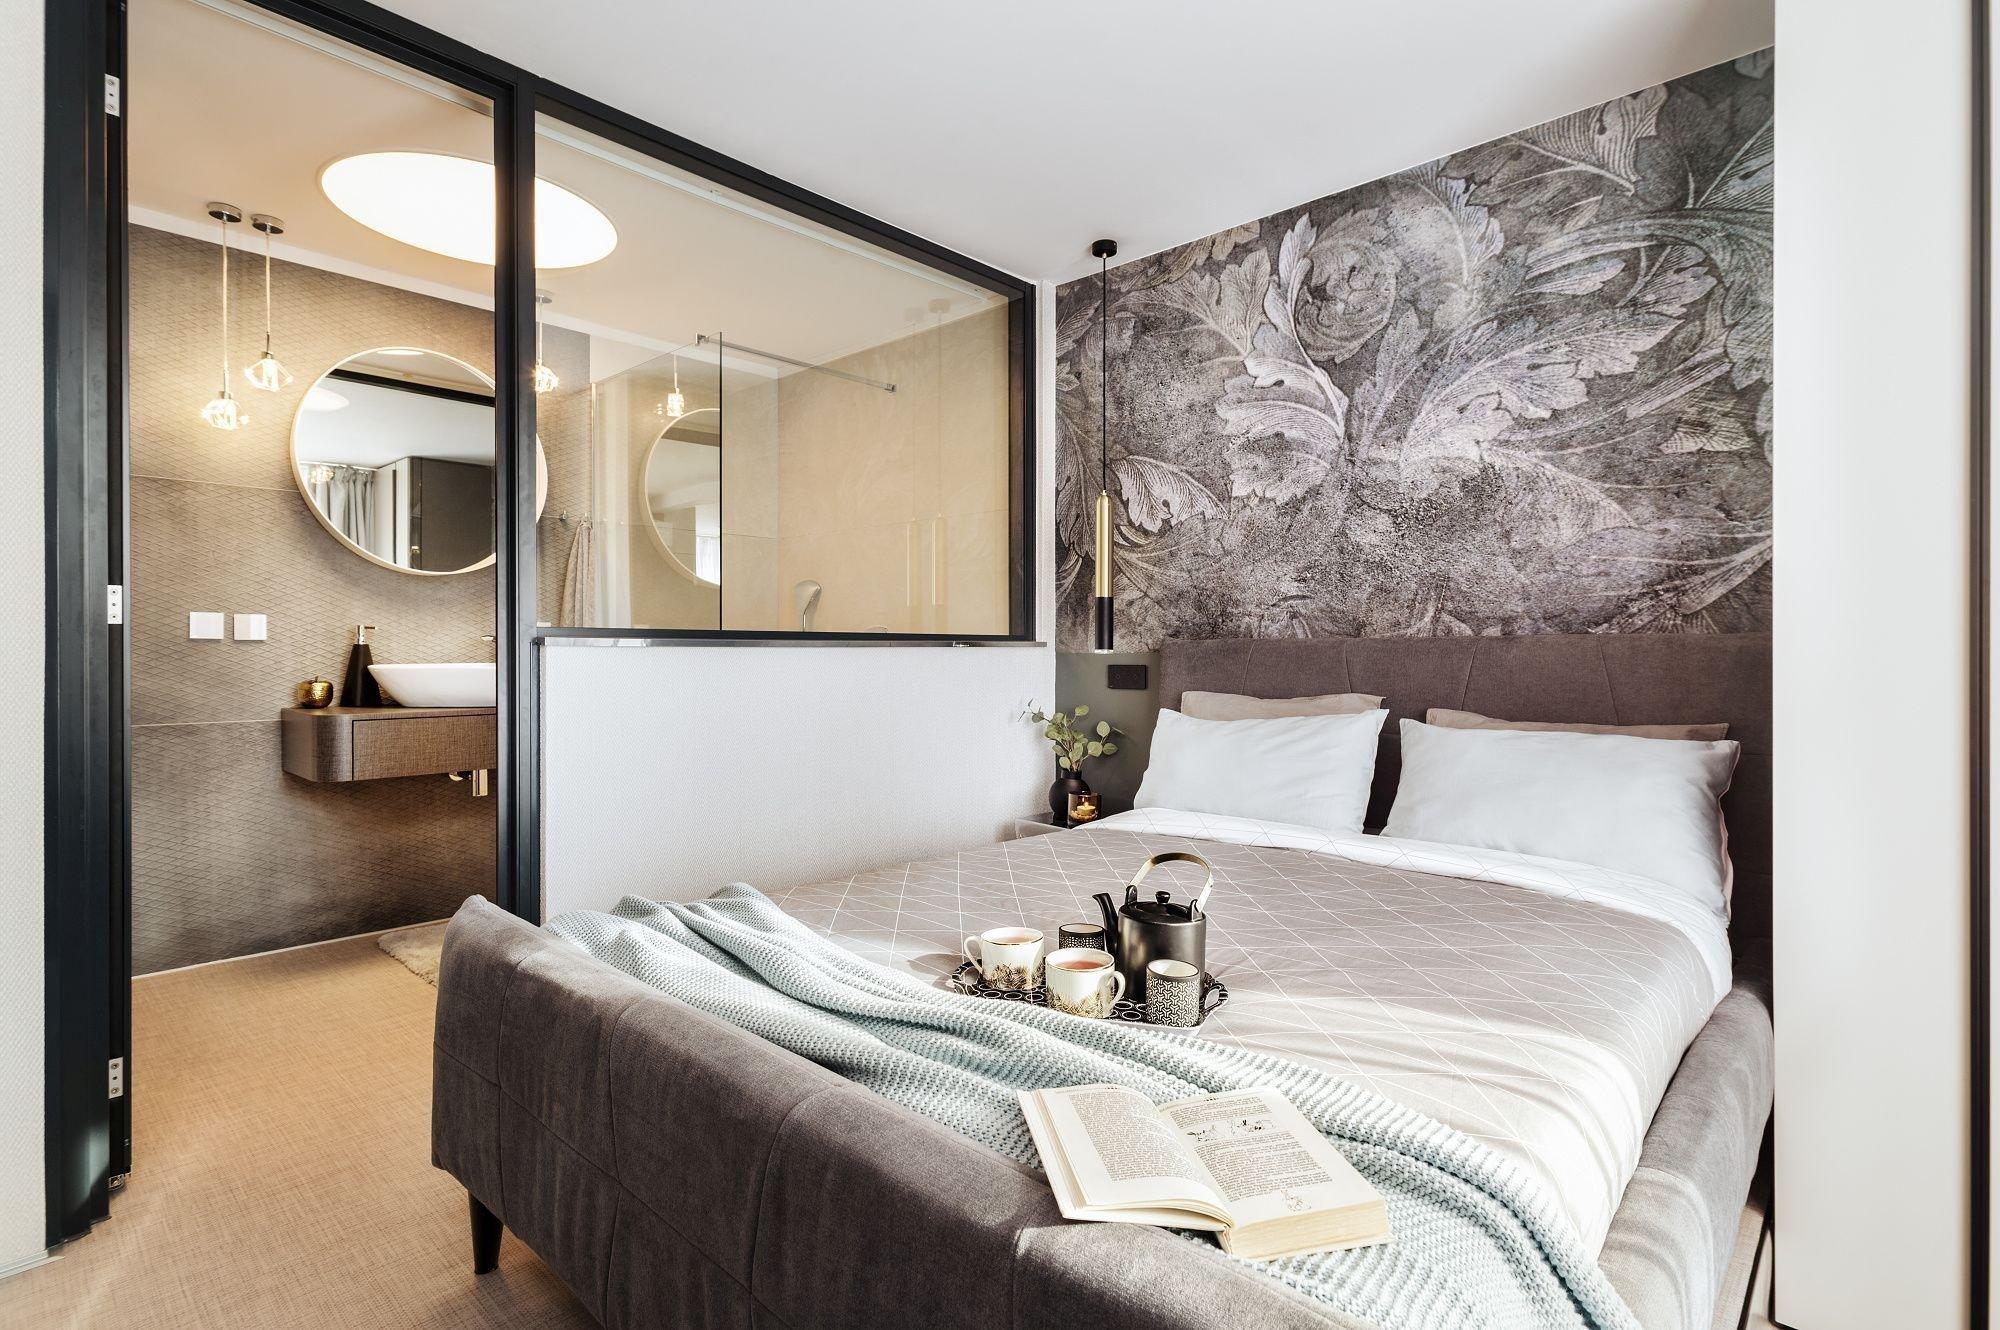 Okny ložnice míří denní světlo i do prosklené koupelny. Skleněná příčka je zvukotěsná, a když je třeba soukromí, v koupelně se zatáhne závěs - Realizace NOVOdesign